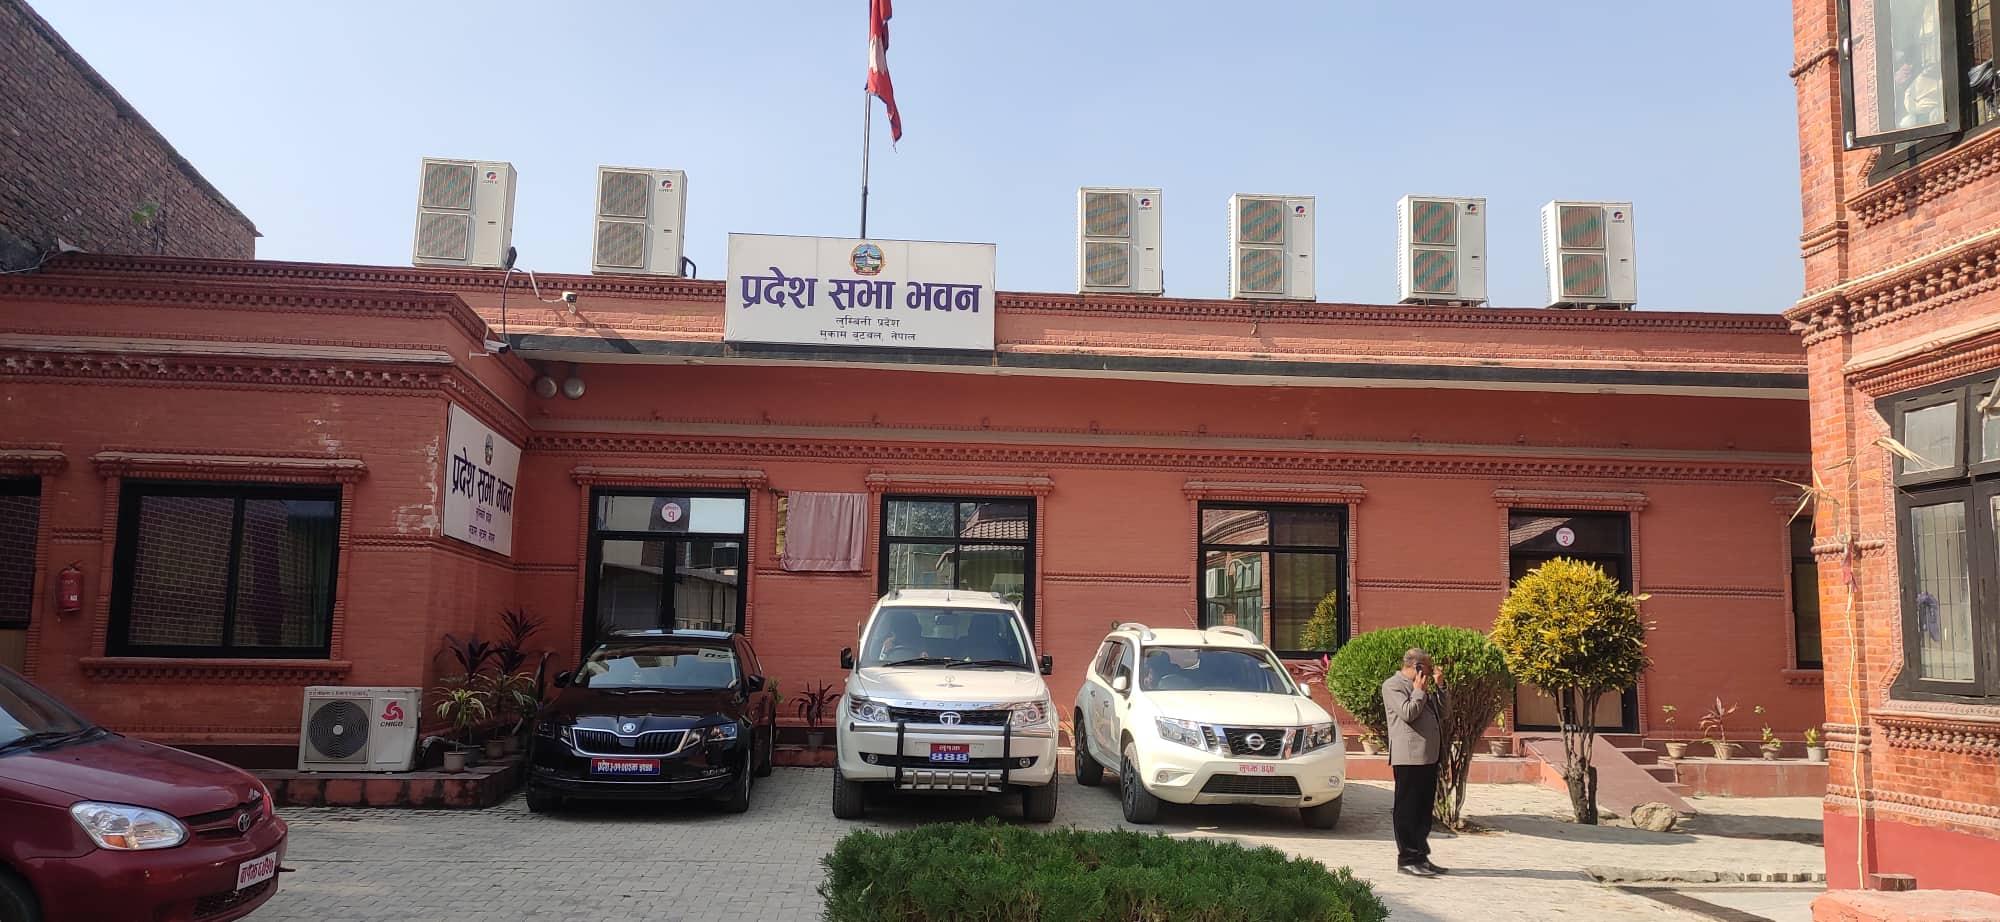 लुम्बिनीमा नयाँ सरकार गठनको कसरत, बहुमत सांसदको हस्ताक्षर प्रदेश प्रमुखलाई बुझाइयो